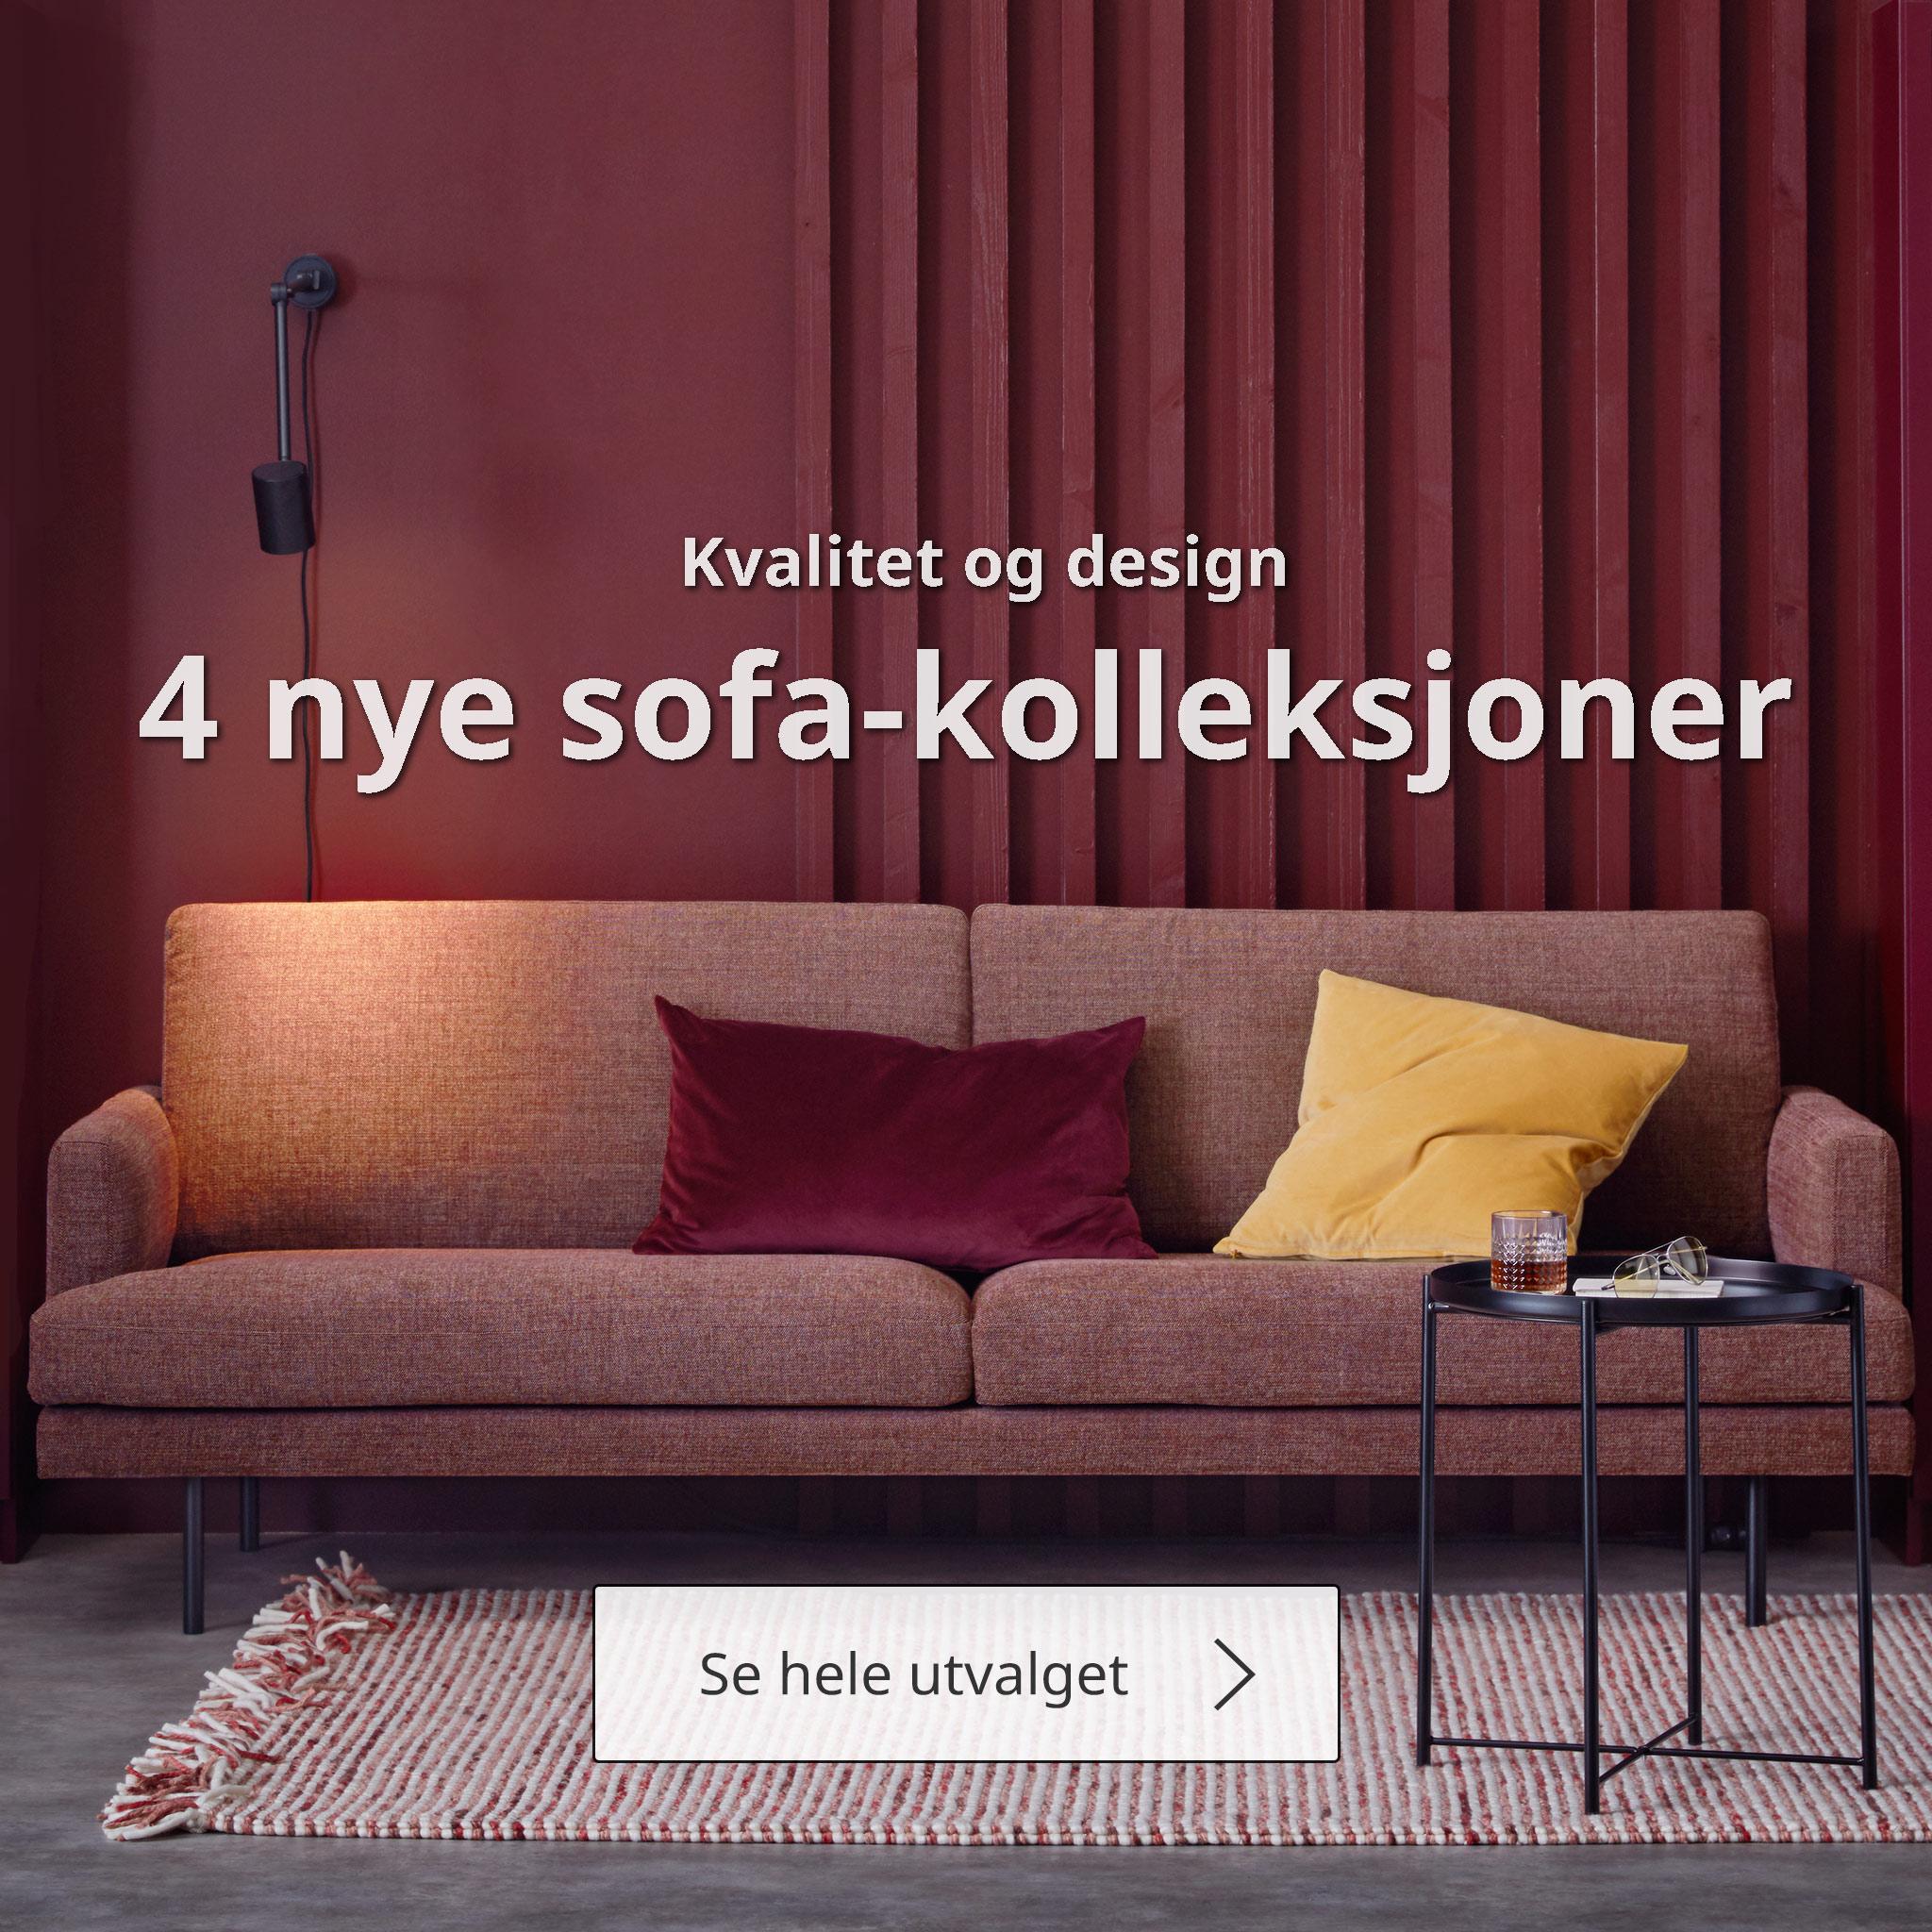 4 nye sofakolleksjoner.